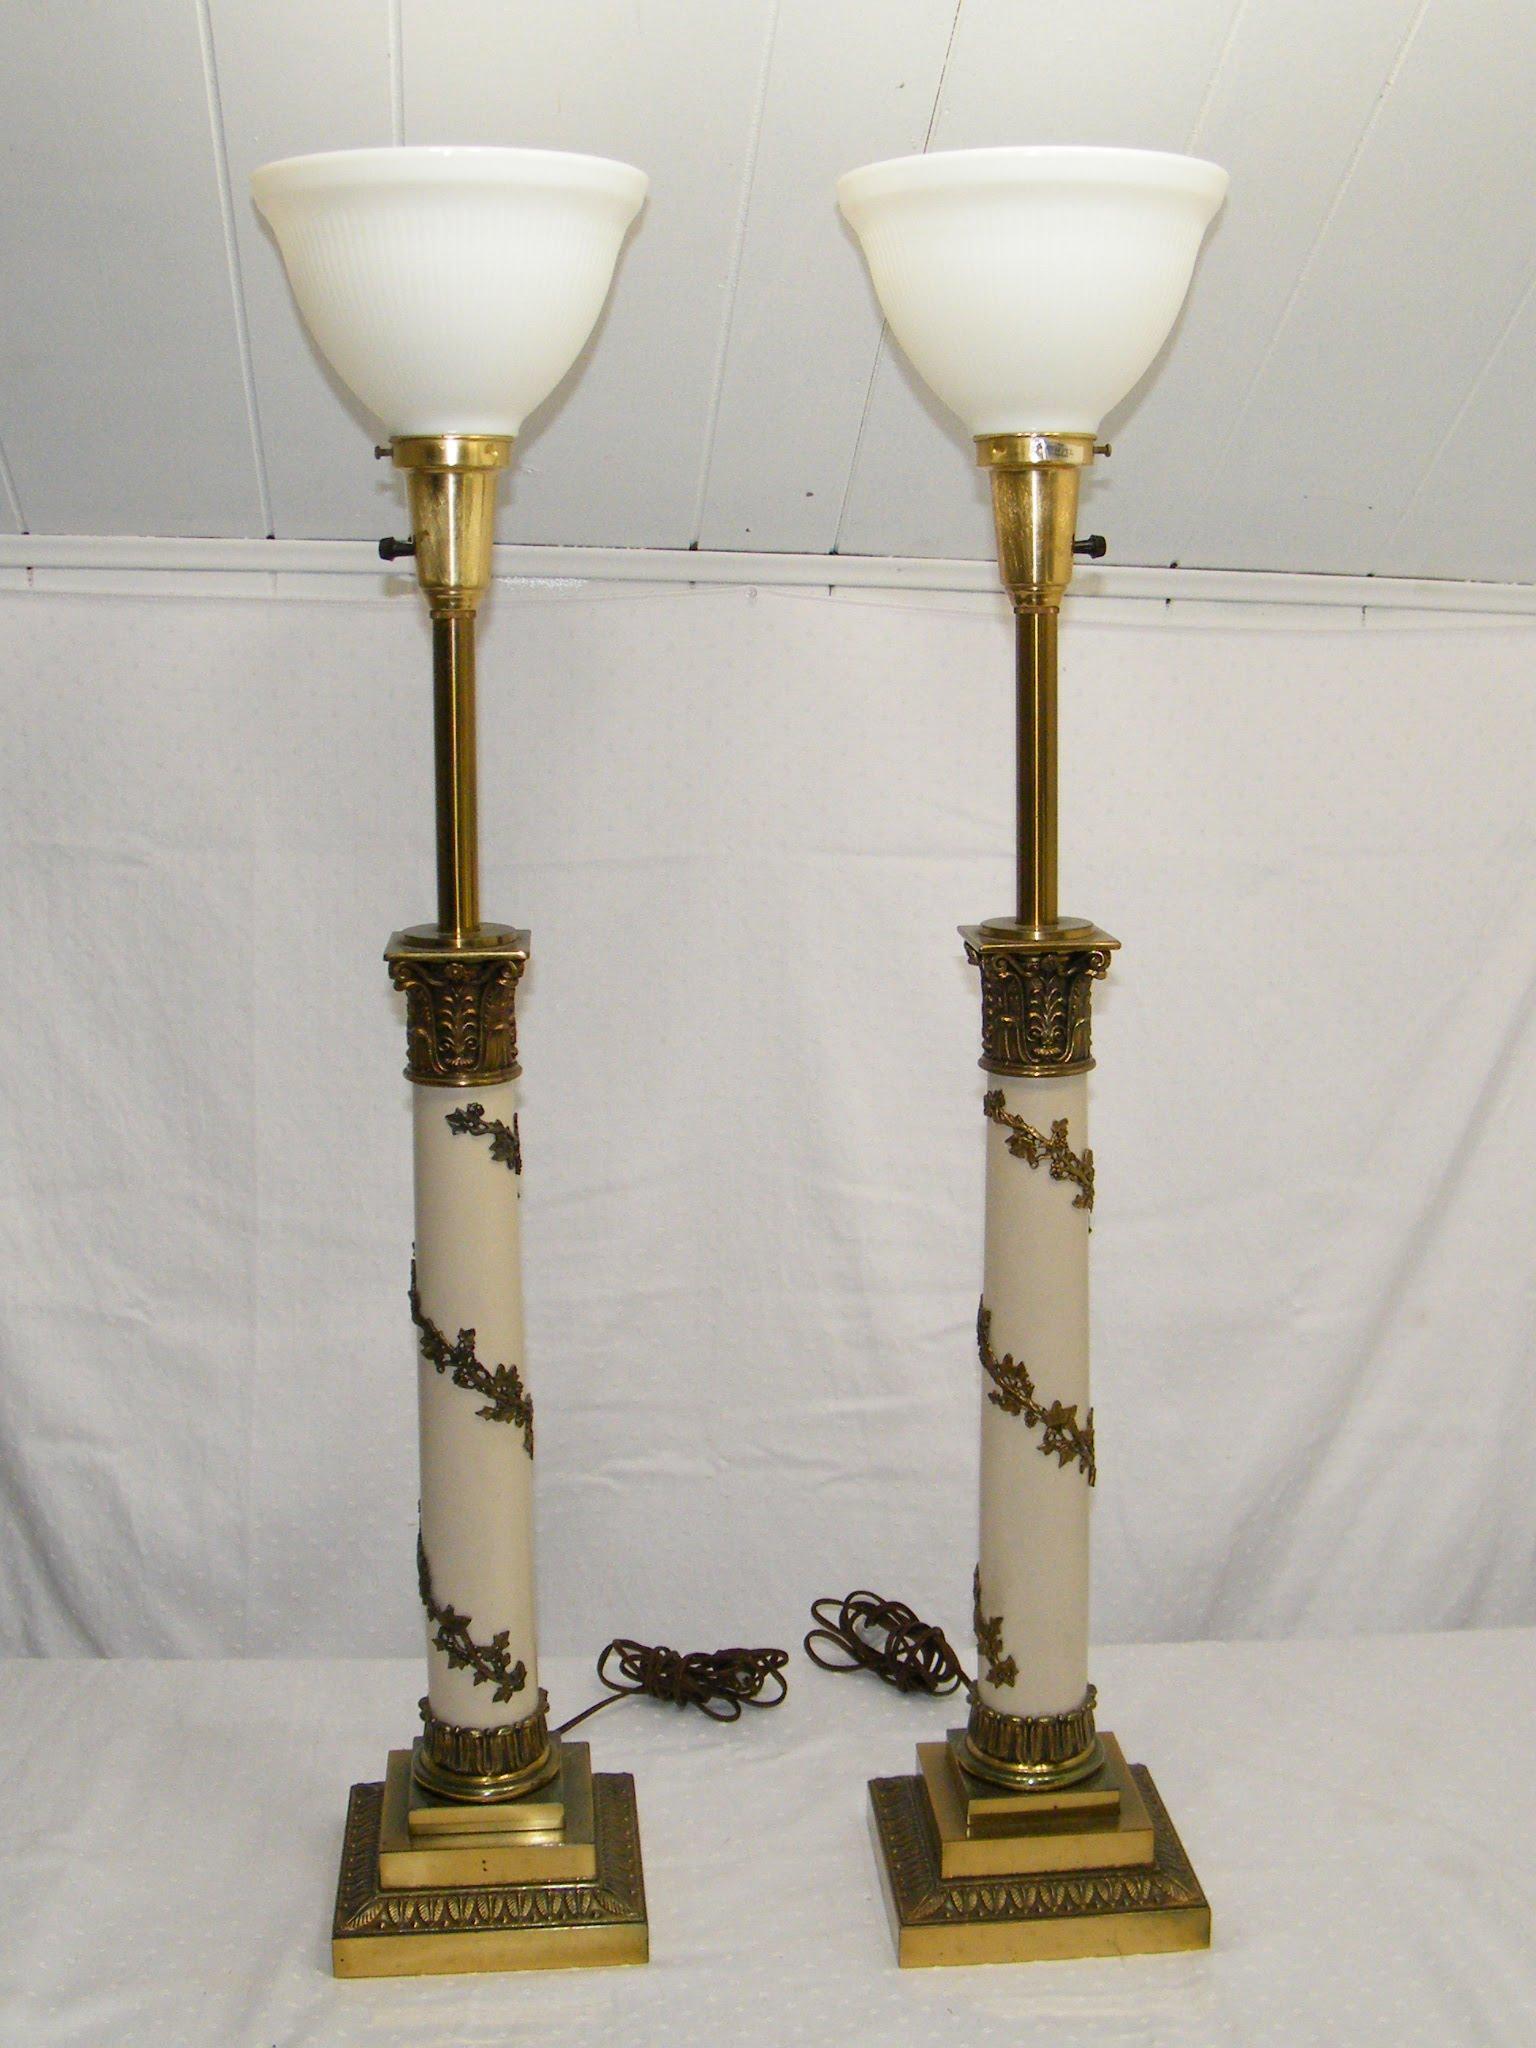 Vintage Stiffel Lamps >> Vintage Stiffel Lamps Unforeseen Beauty Every Home Needs